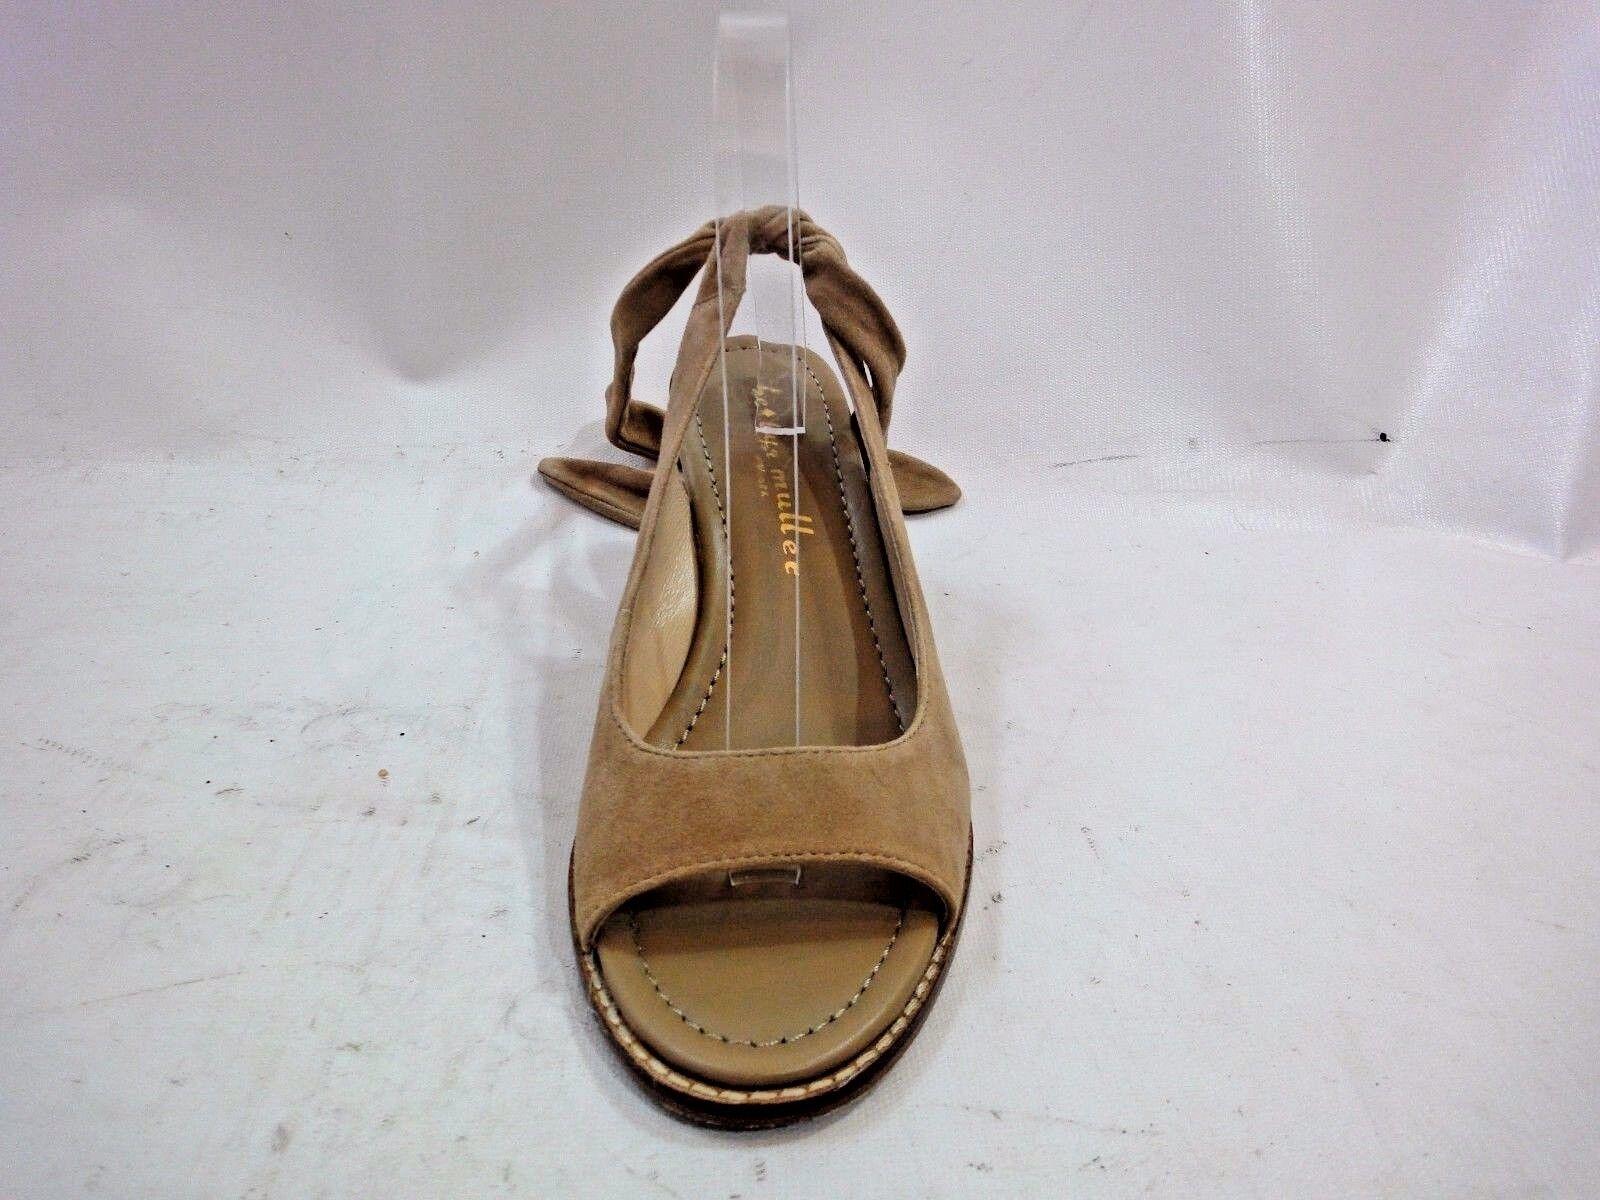 Bettye Muller Beige Suede Open Toe Sandale Wedge Größe 9.5